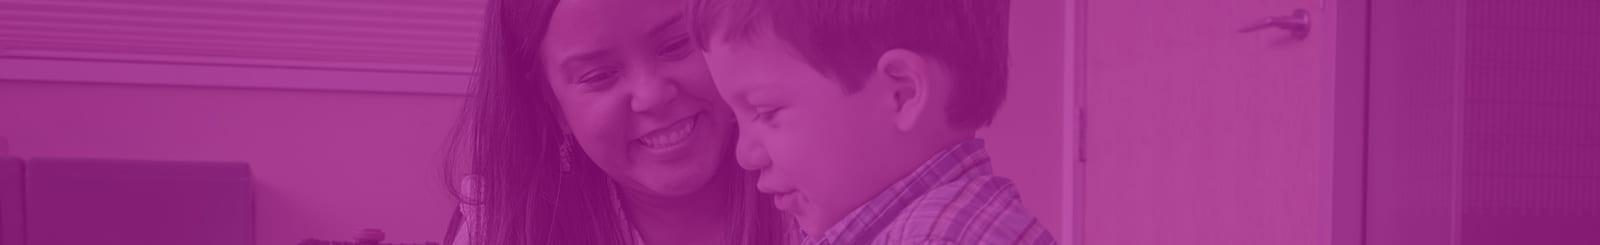 msw-children-families-header